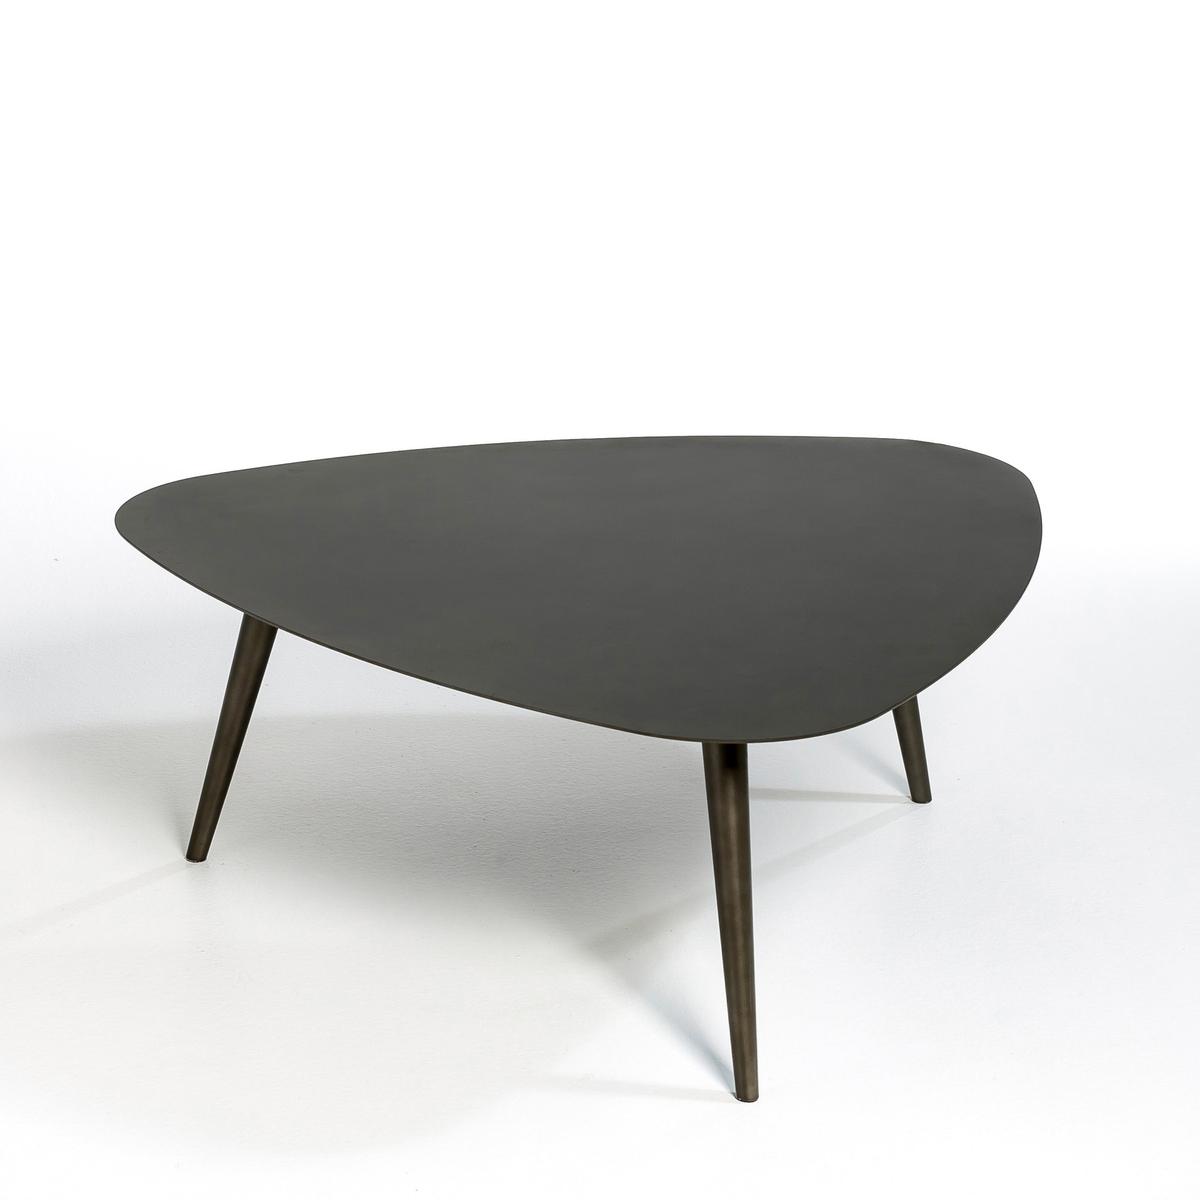 Столик La Redoute Журнальный Tholeine маленькая модель единый размер серый столик la redoute журнальный rozam единый размер черный